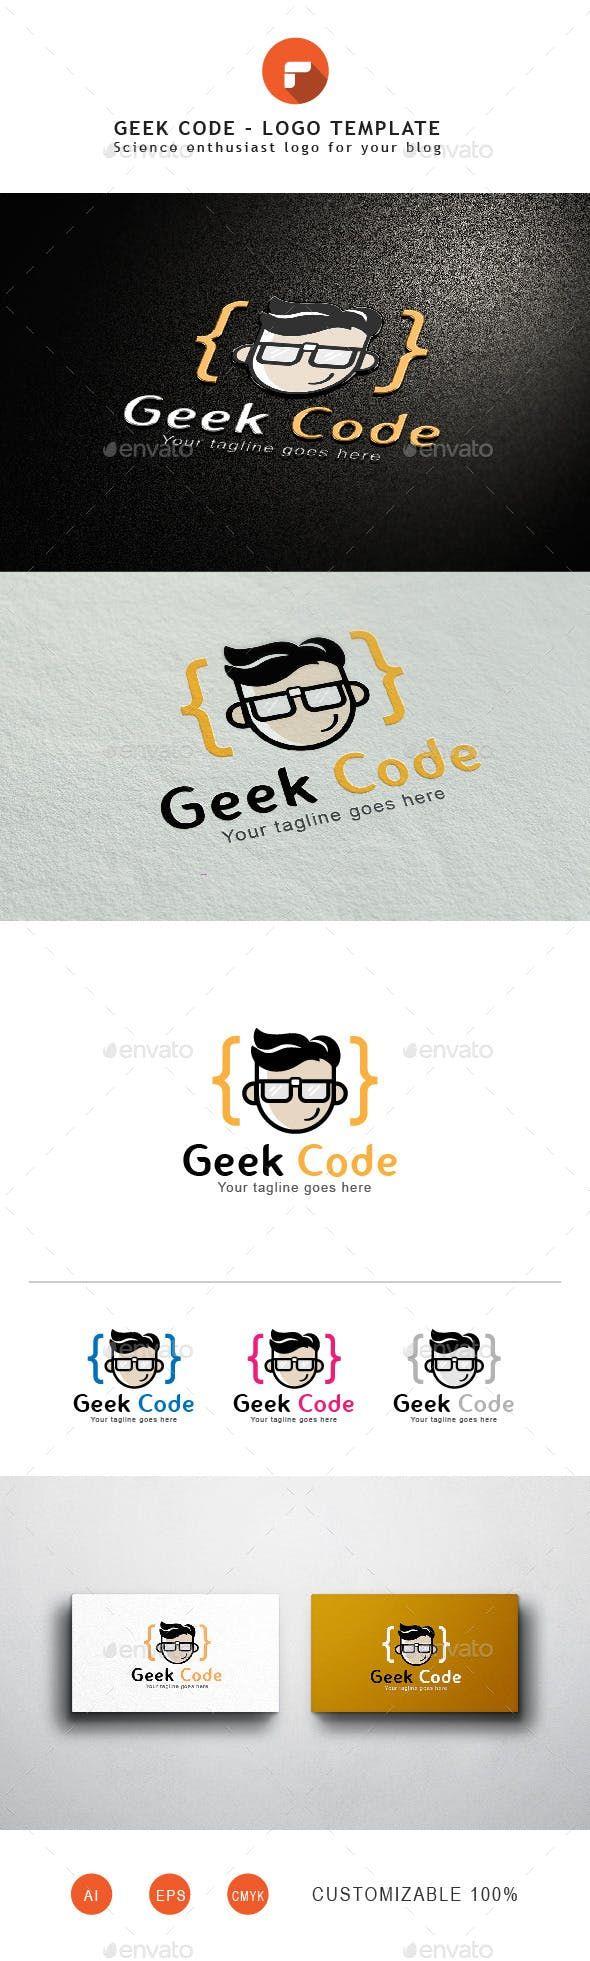 Geek Code (With images) Cool logo, Geek stuff, Logo